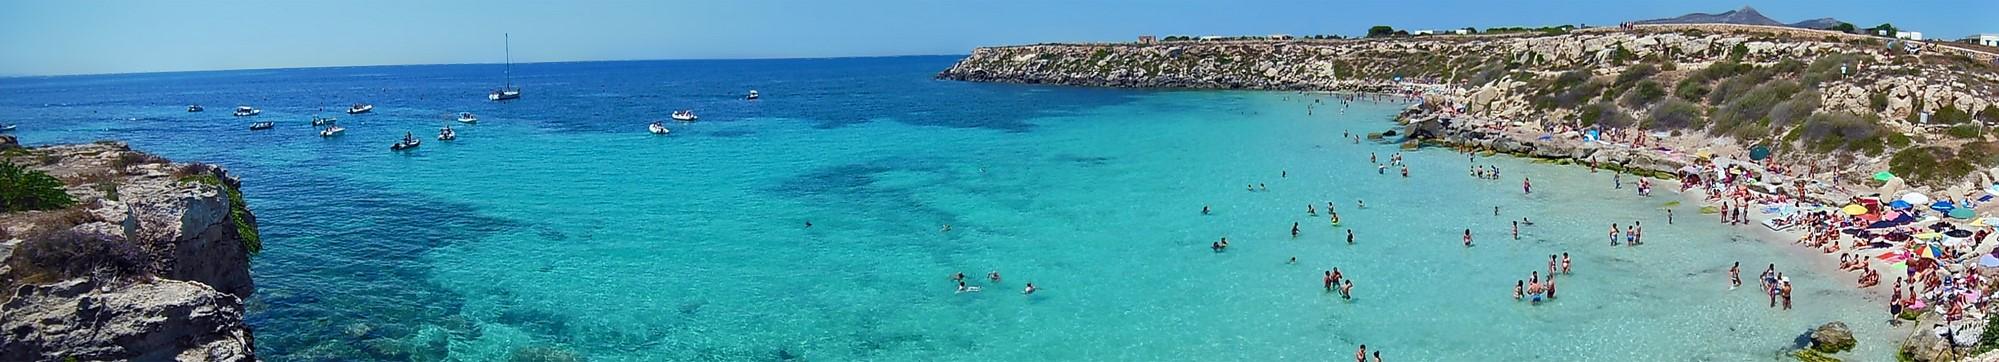 Cala Azzurra, Favignana, Sycylia. Najpiękniejsze plaże w Trapani i okolicach.